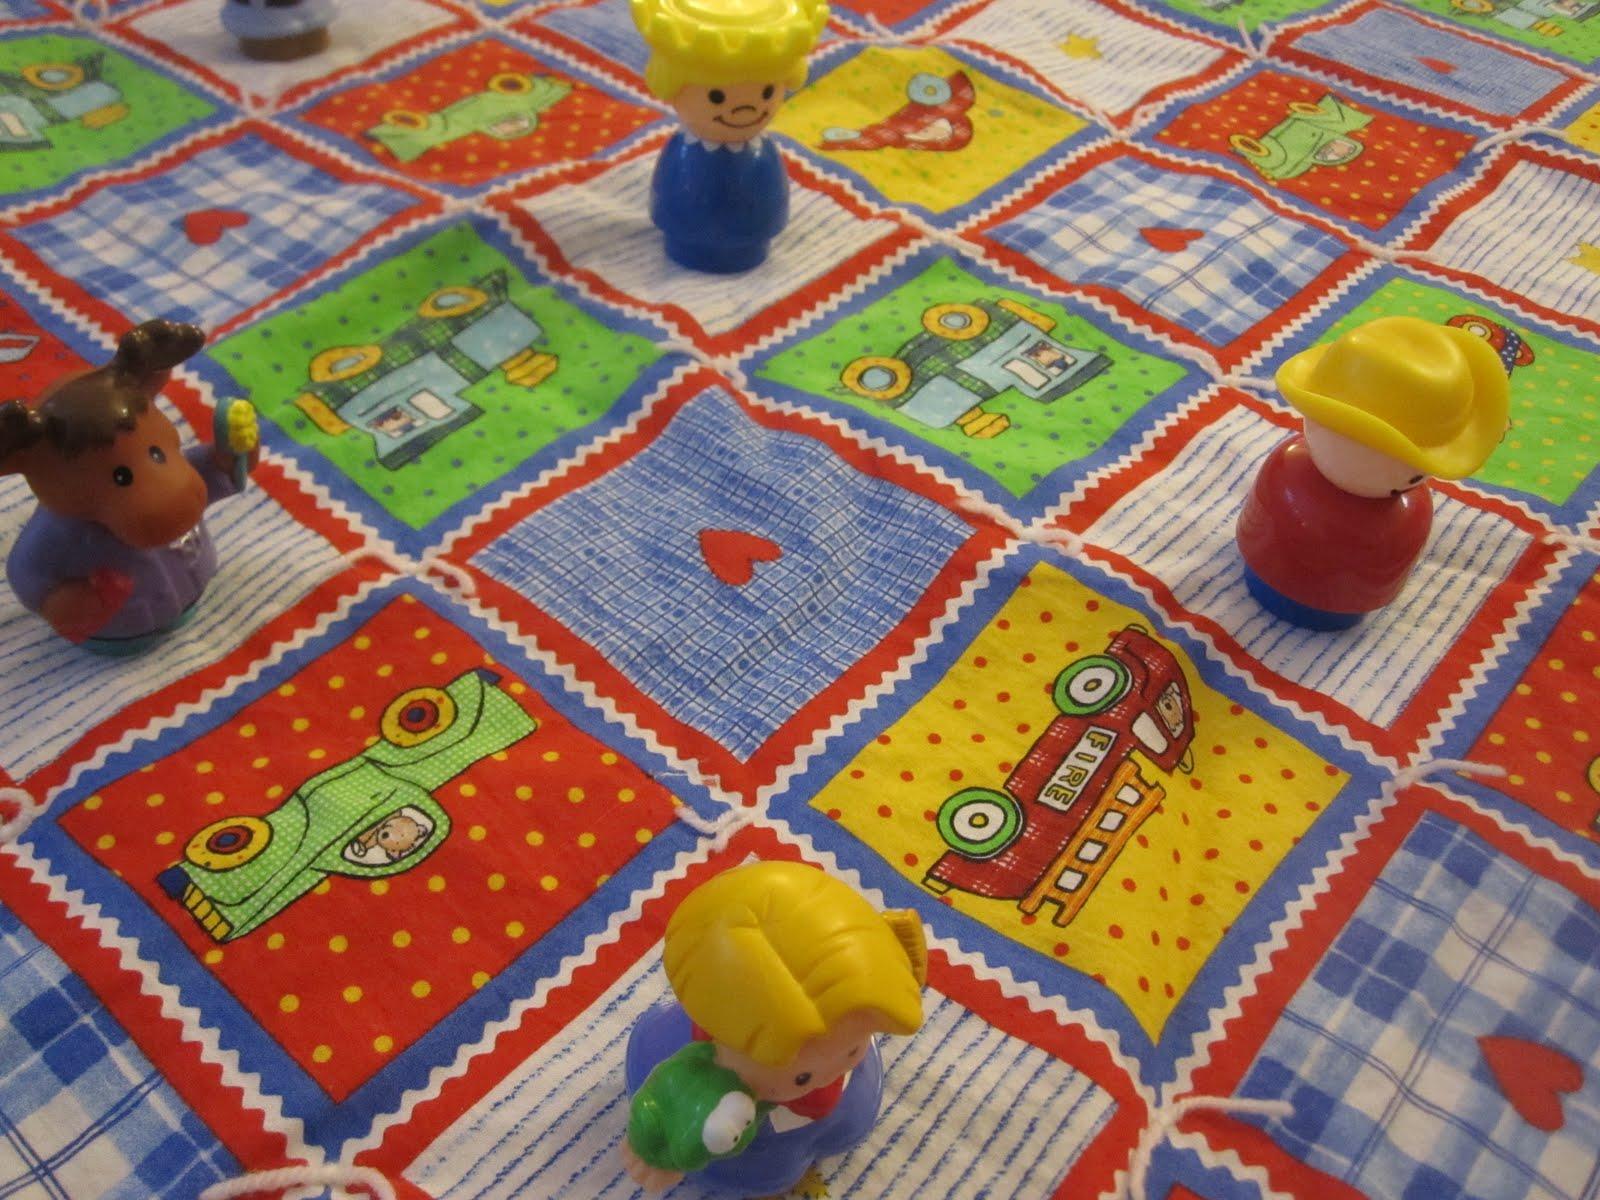 Toddler Approved Llama Llama Red Pajama Quilt Math